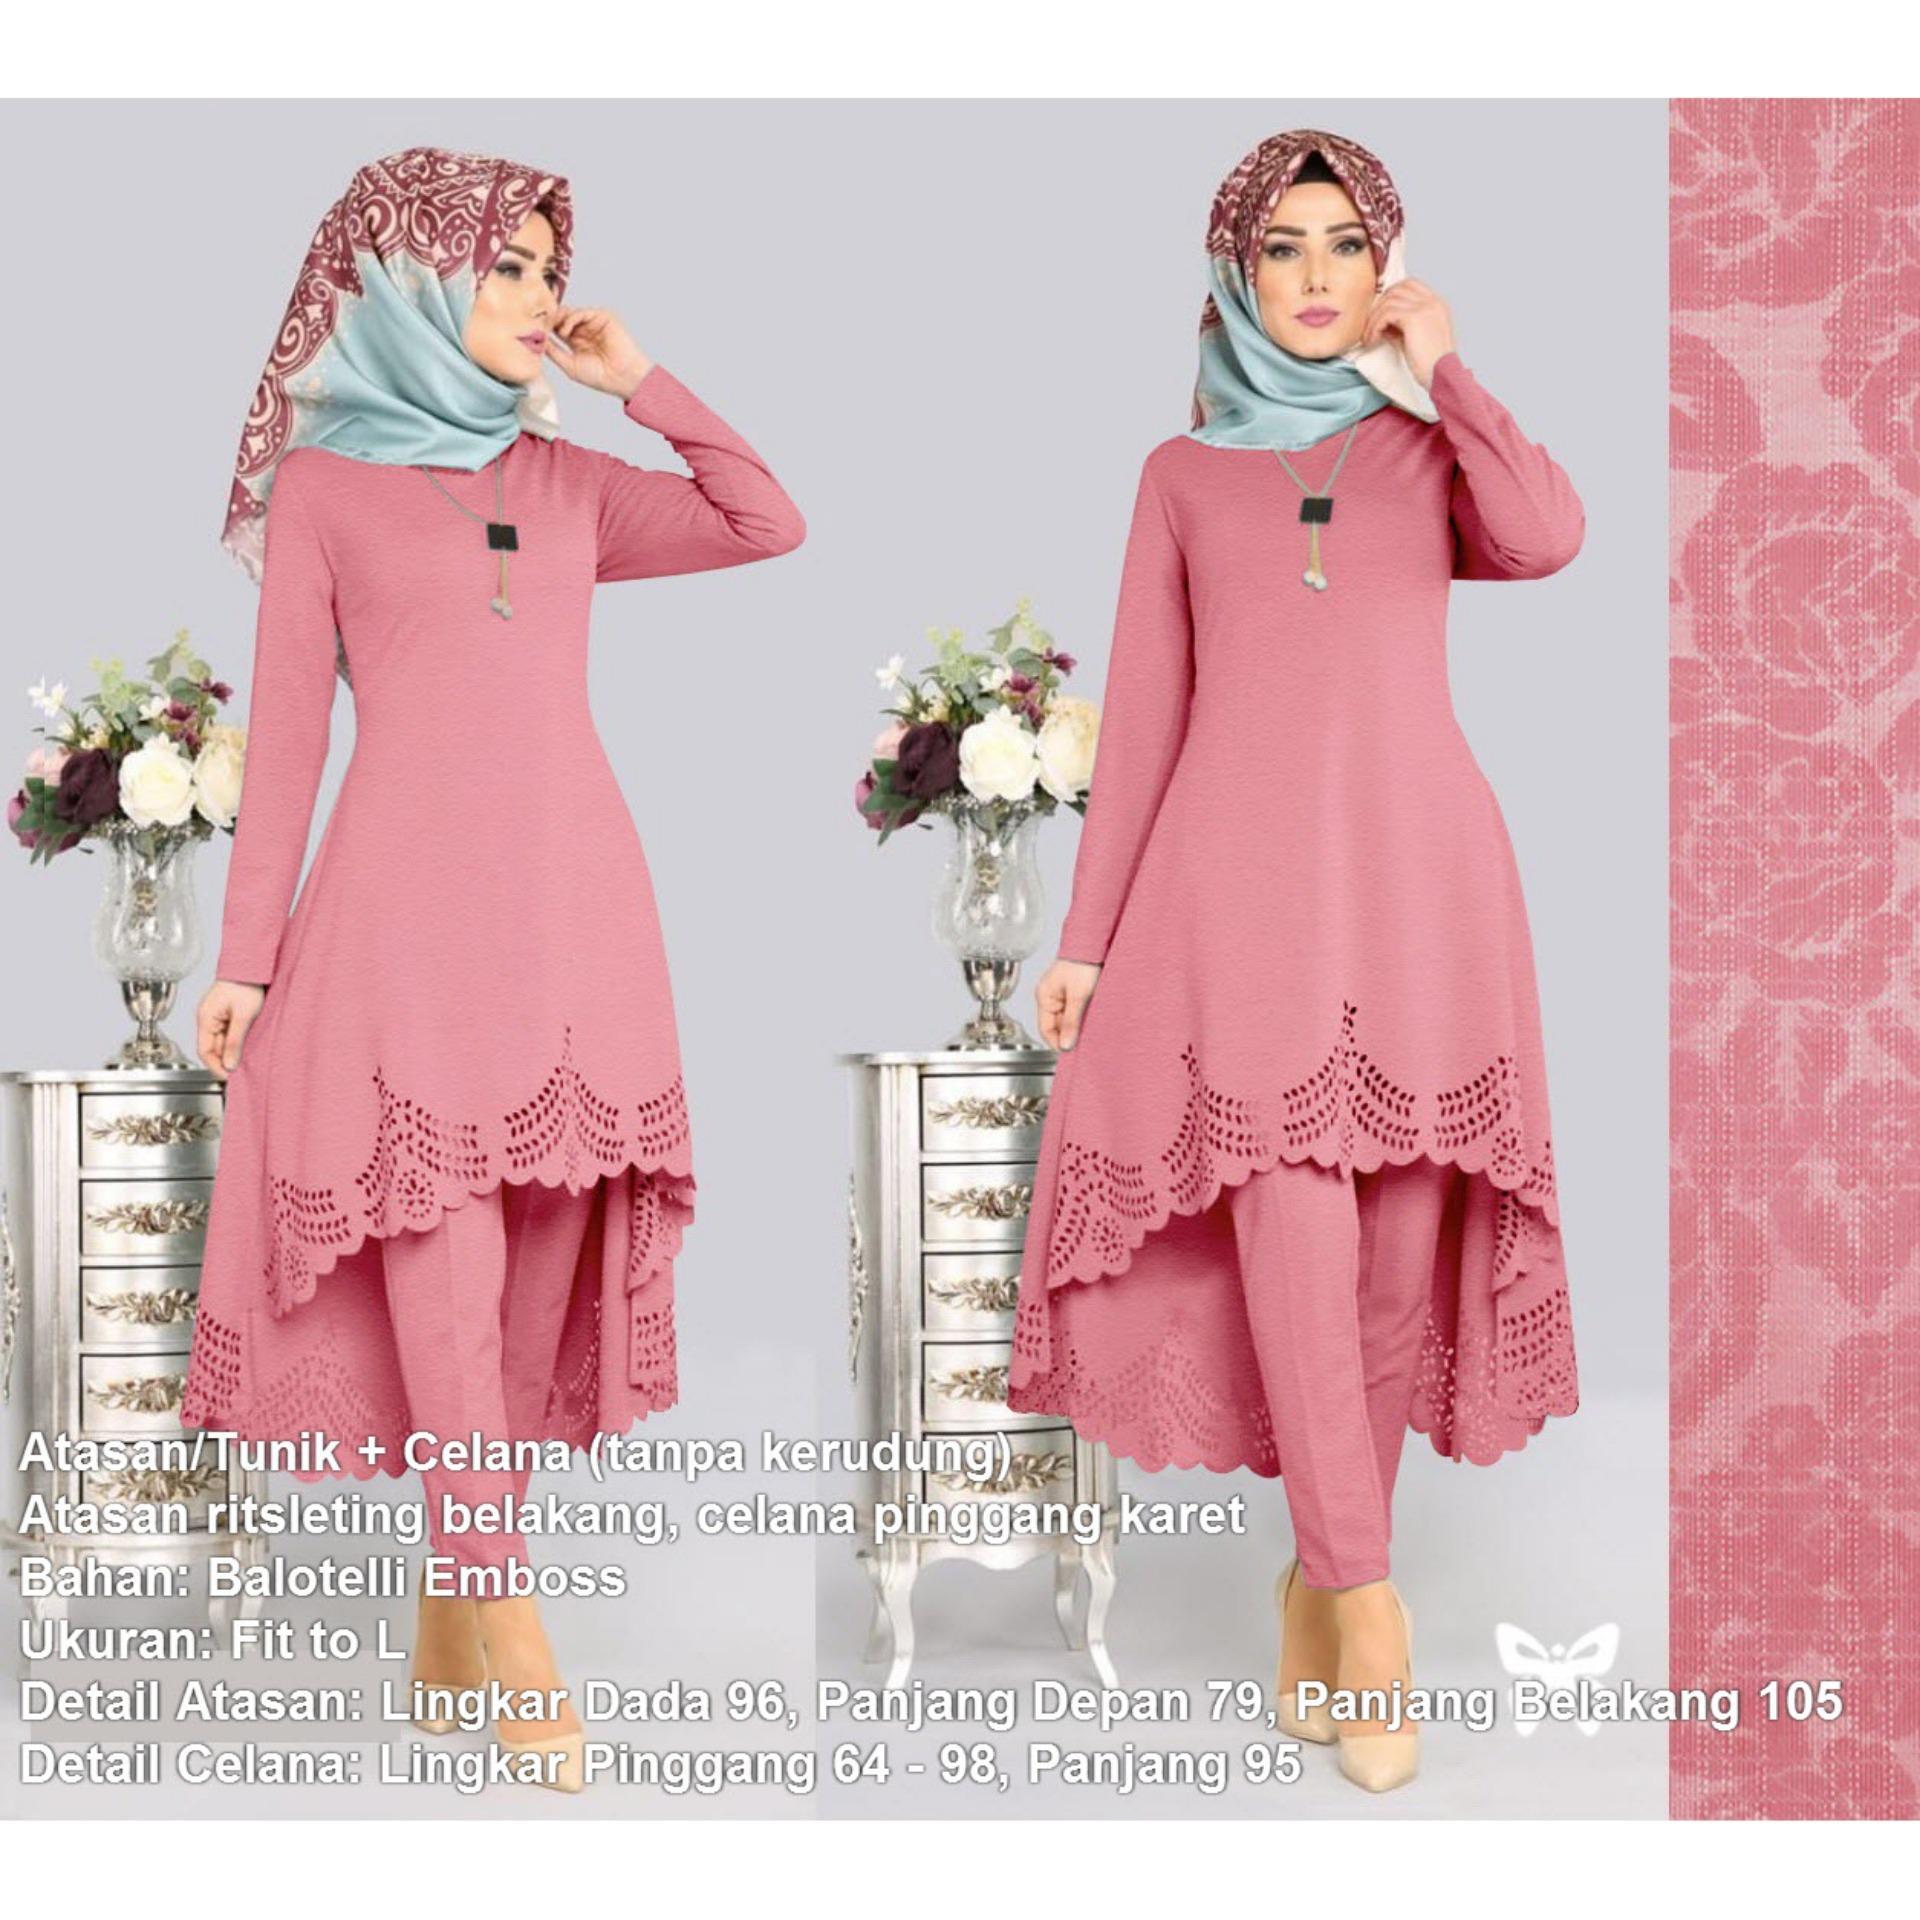 Bawahan Muslim Wanita Terbaru Dress Bunga 1 5 Tahun Baju Anak Perempuan Lengan Buntung Lucu Tutu Pink Kemerahan Set 2 In Baloteli Laser Msr265 Setelan Muslimah Stelan Gamis